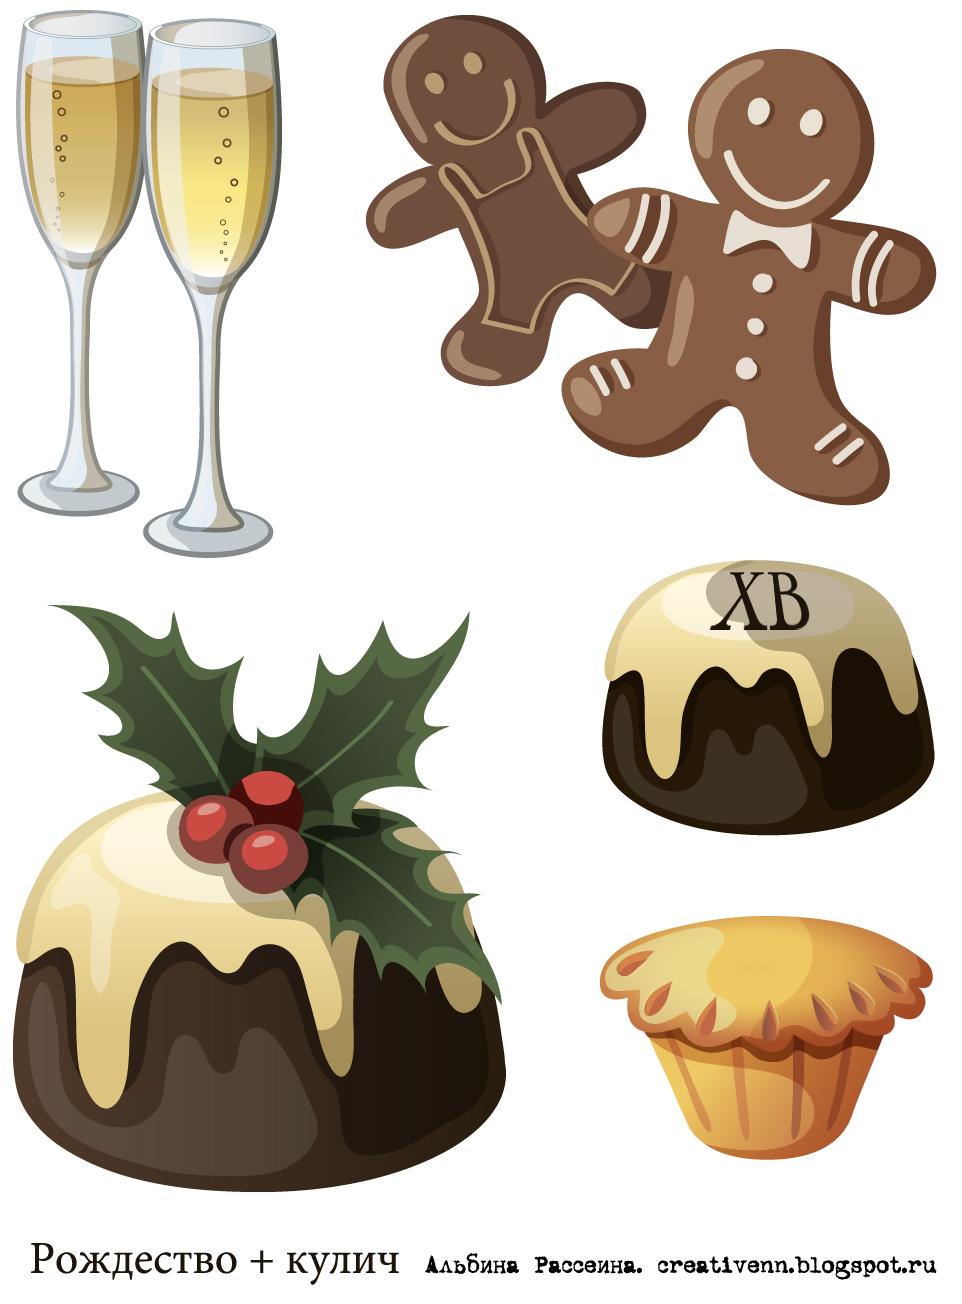 Кулич. Имбирное печенье картинки. Клипарты Пасха. Кекс.Шампанское. Бокалы.